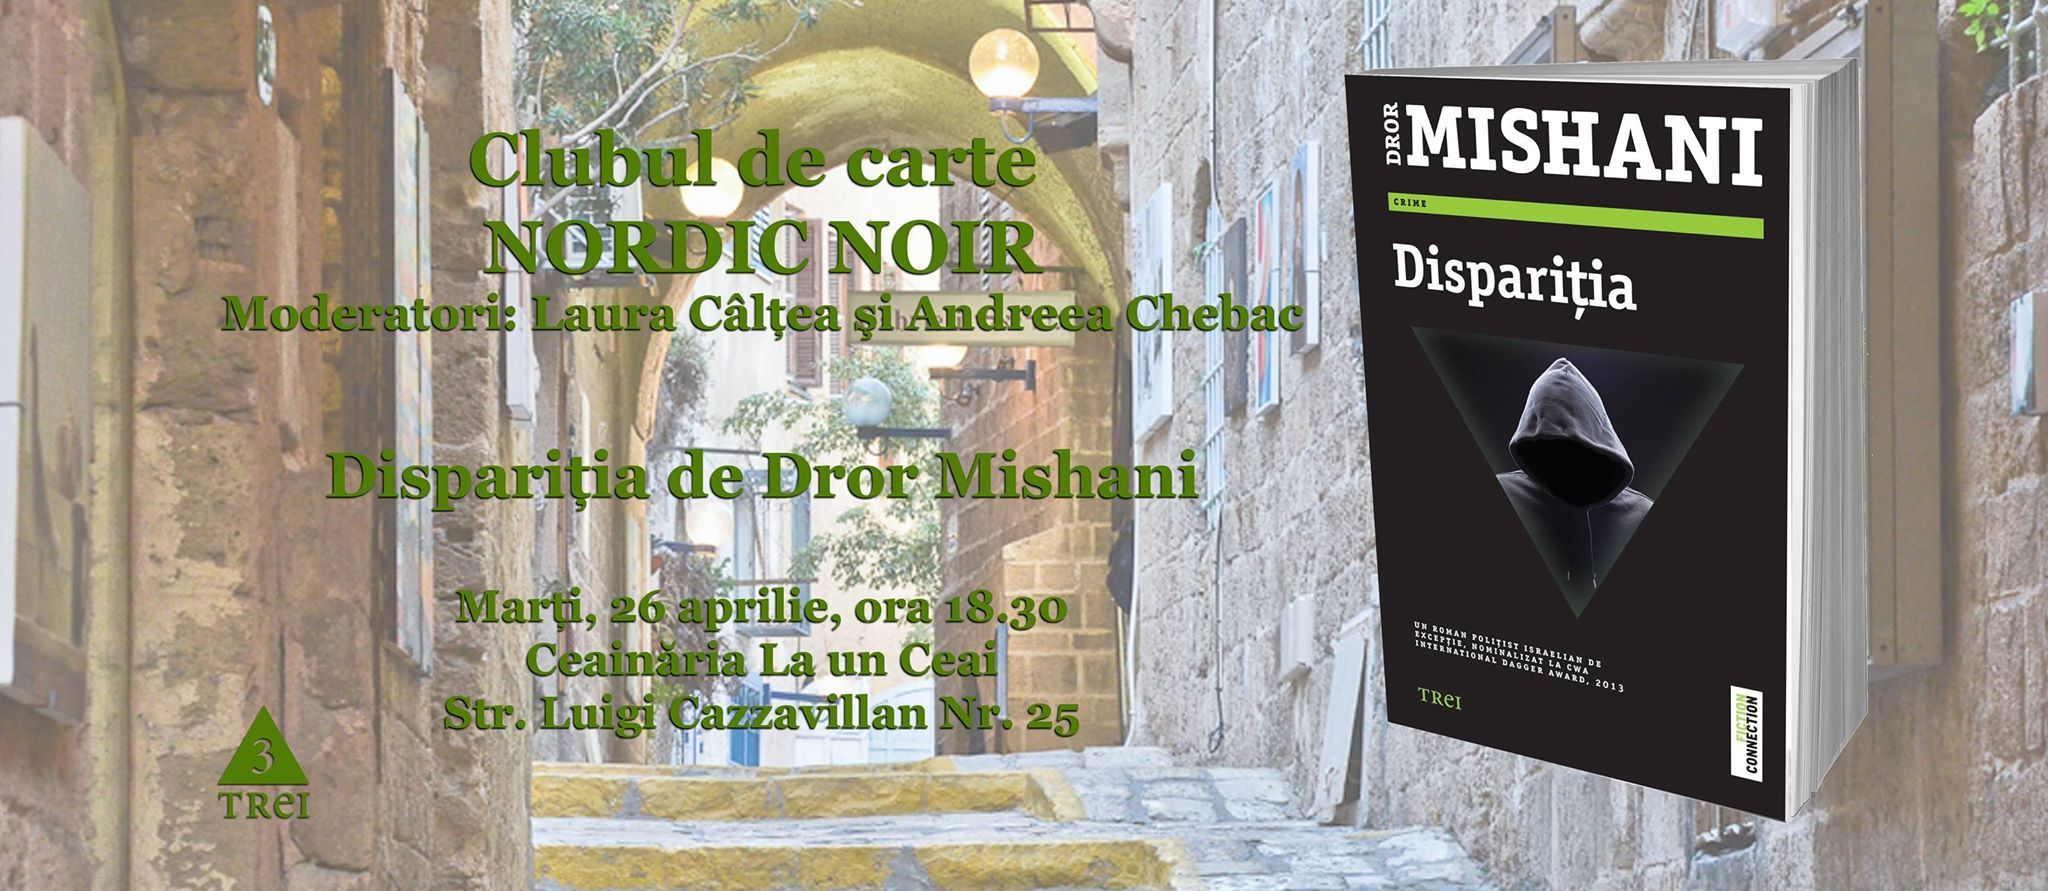 """Clubul de carte Nordic Noir: """"Dispariția"""", de Dror Mishani"""